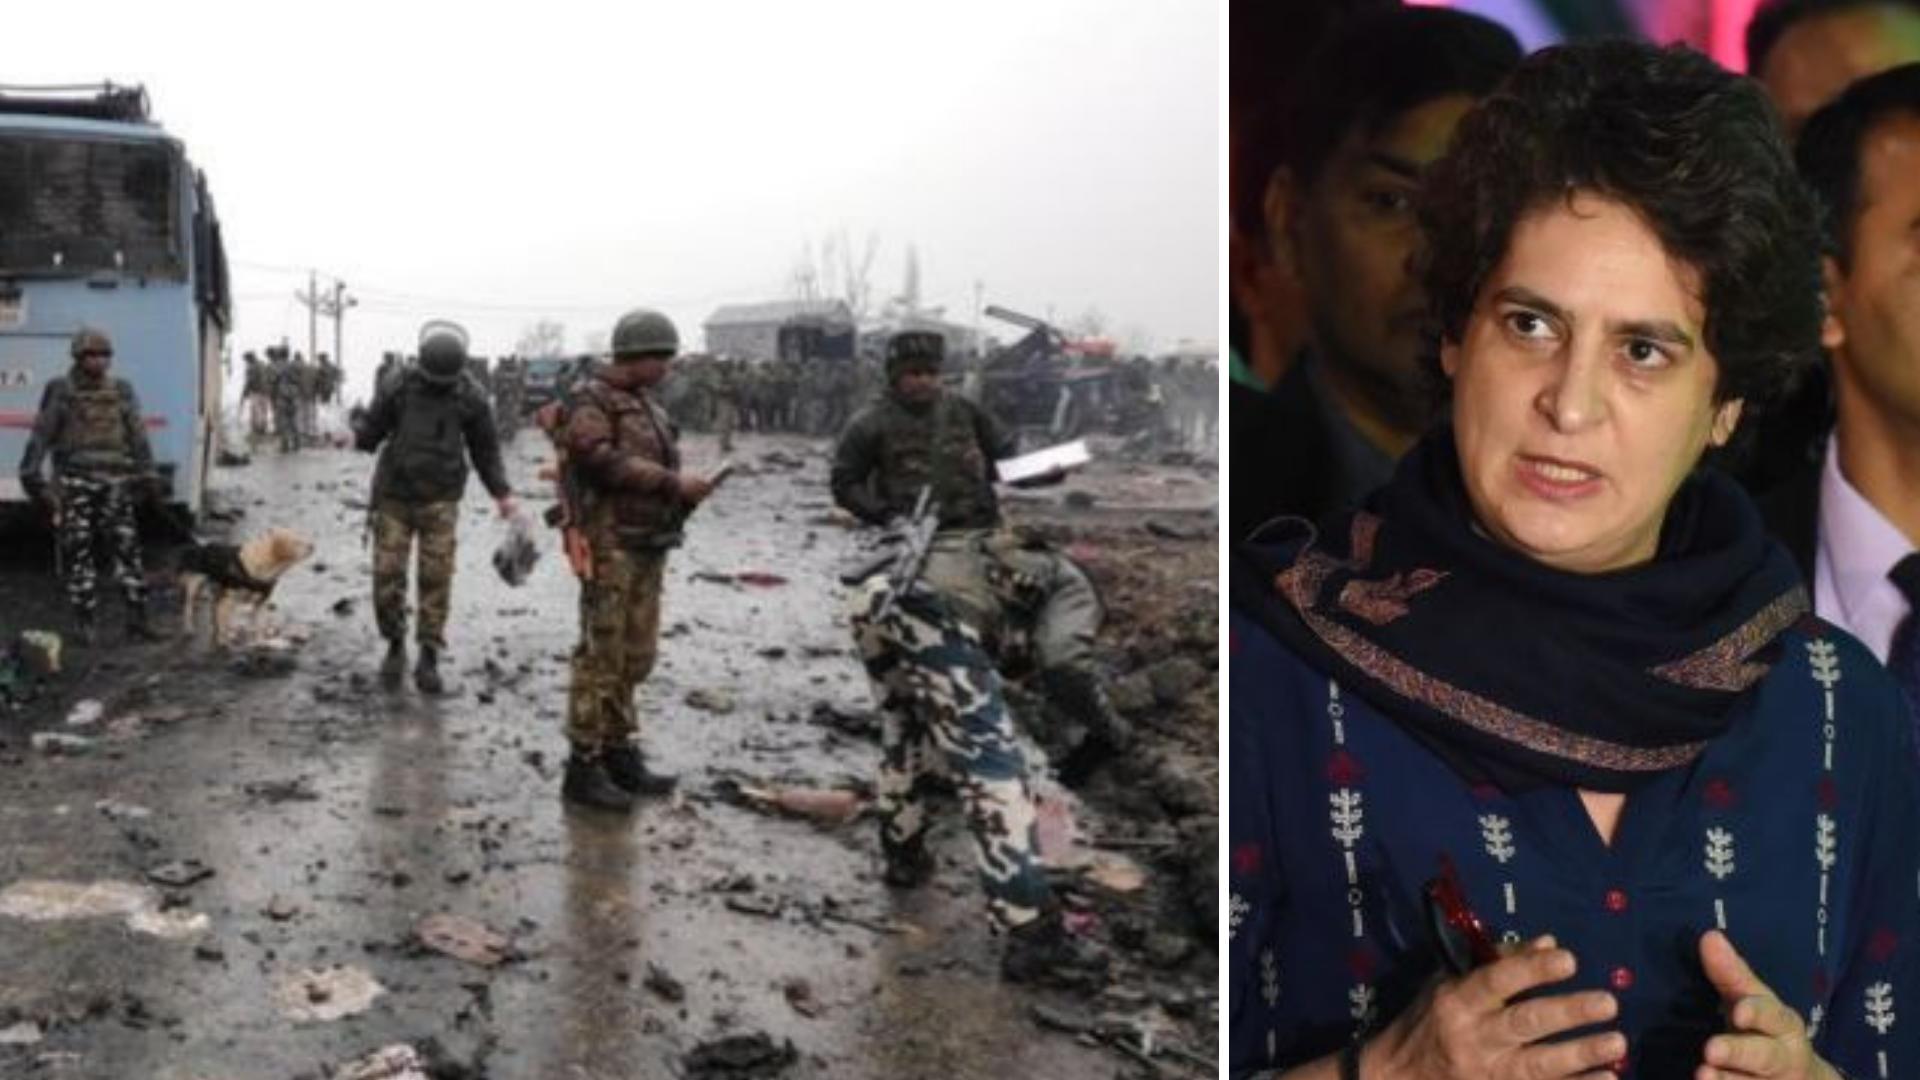 पुलवामा CRPF हमला: प्रेस कॉन्फ़्रेंस में हंस नहीं रही थीं प्रियंका गांधी